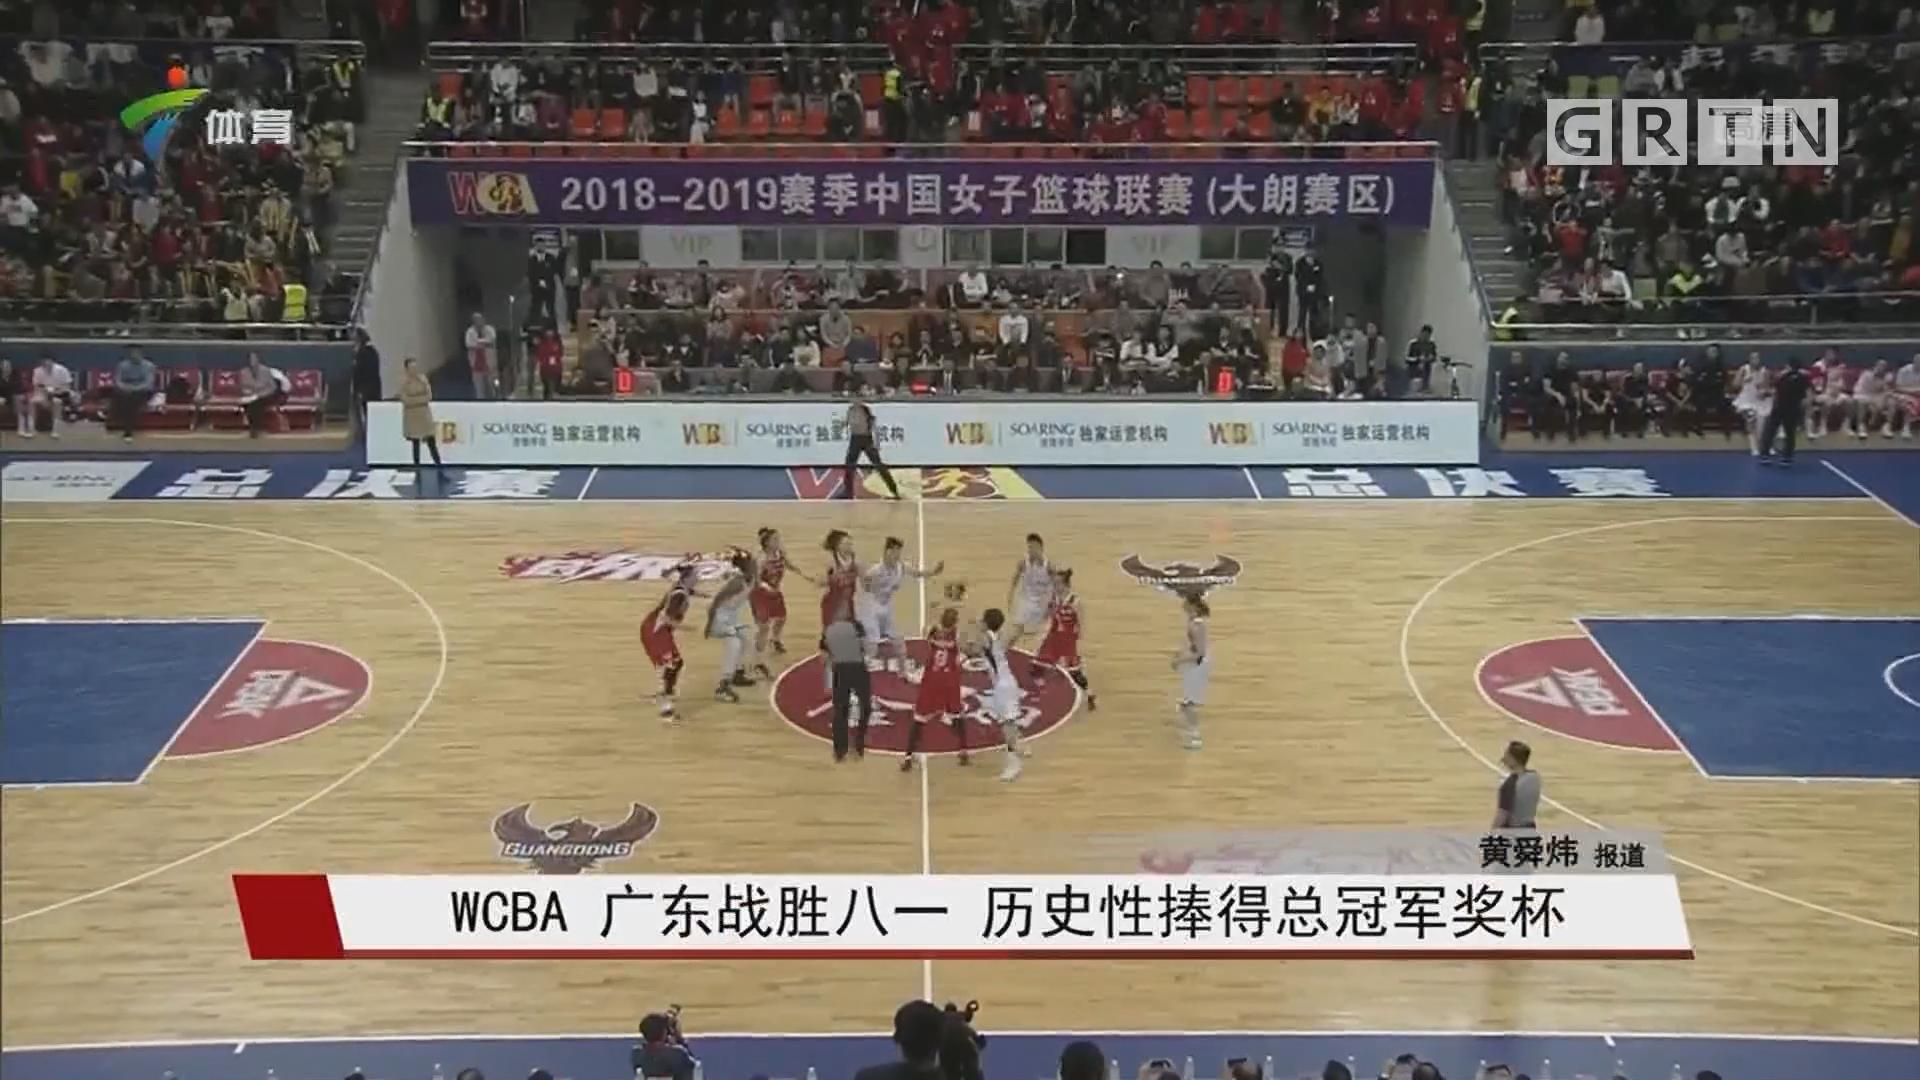 WCBA 廣東戰勝八一 歷史性捧得總冠軍獎杯